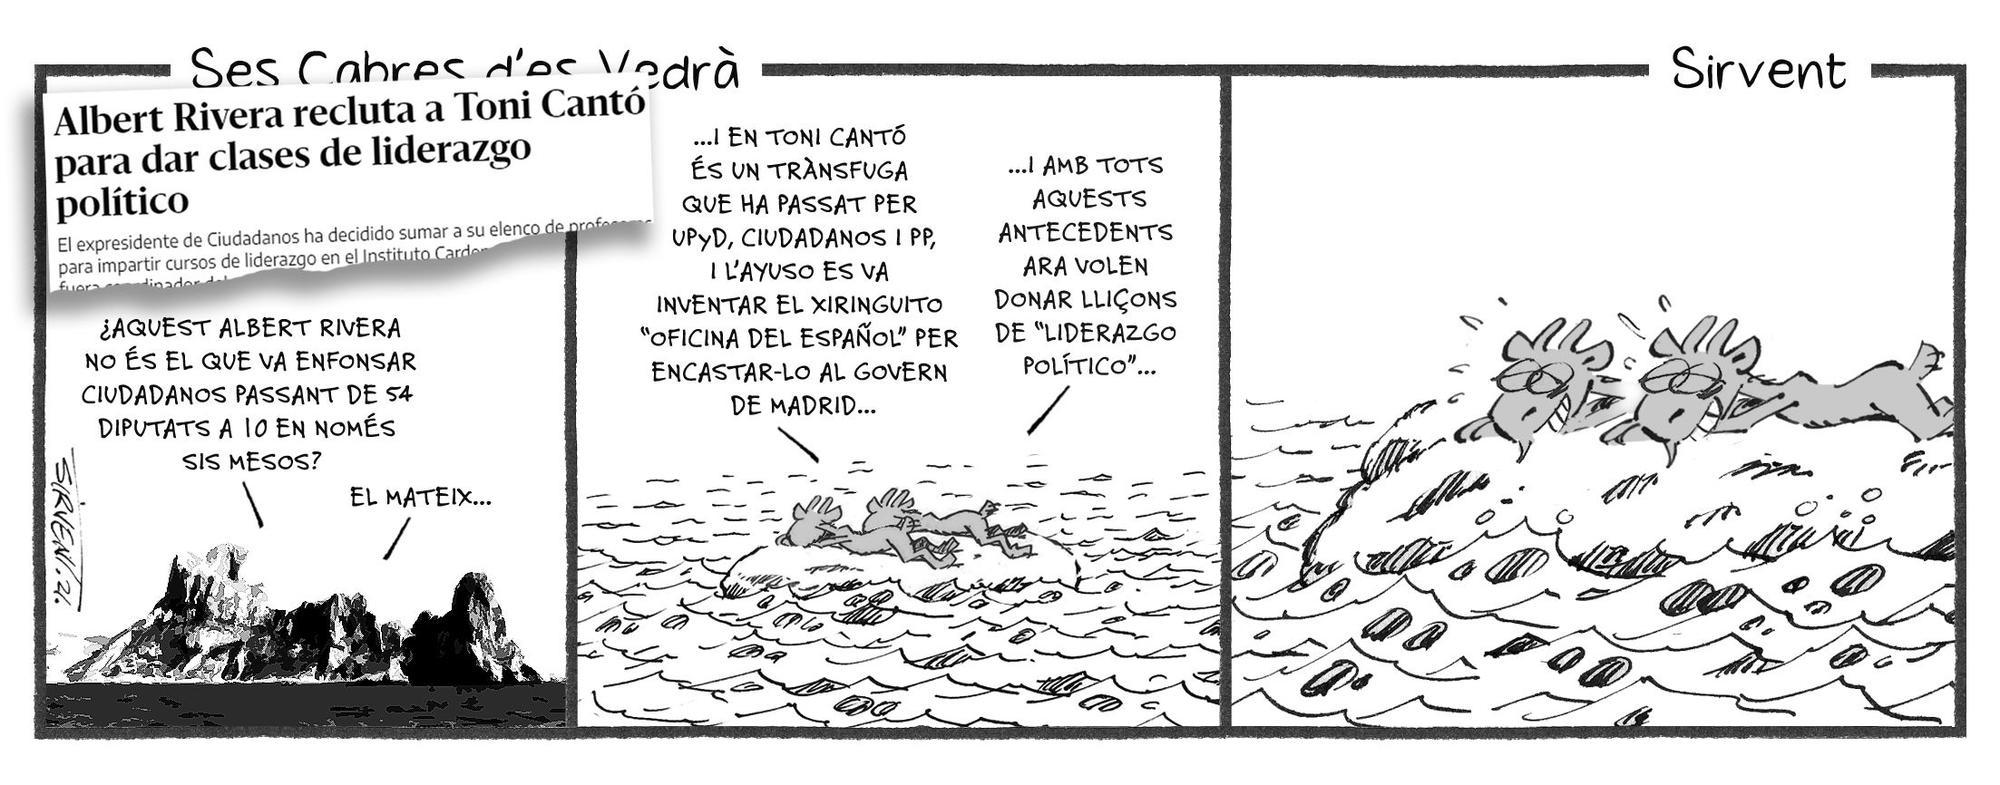 Ses Cabres d'es Vedrà (19 de septiembre)